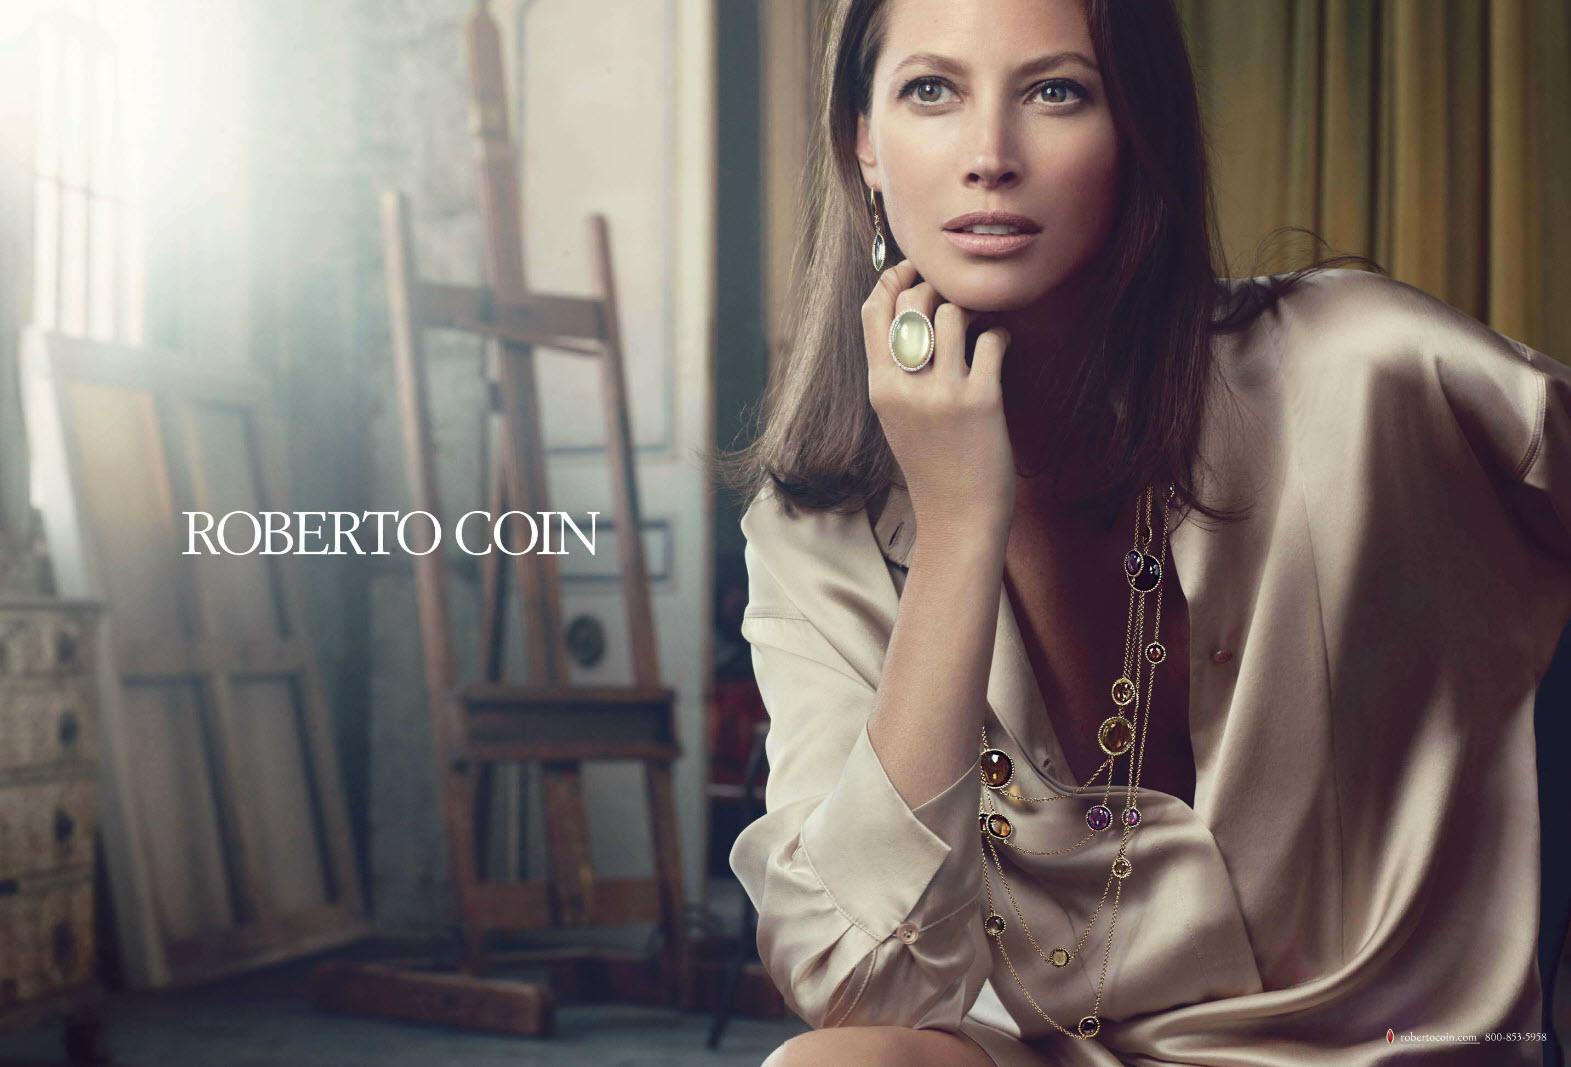 Christy-Turlington-for-Roberto-Coin-Fall-Winter-2011.12-DesignSceneNet-01